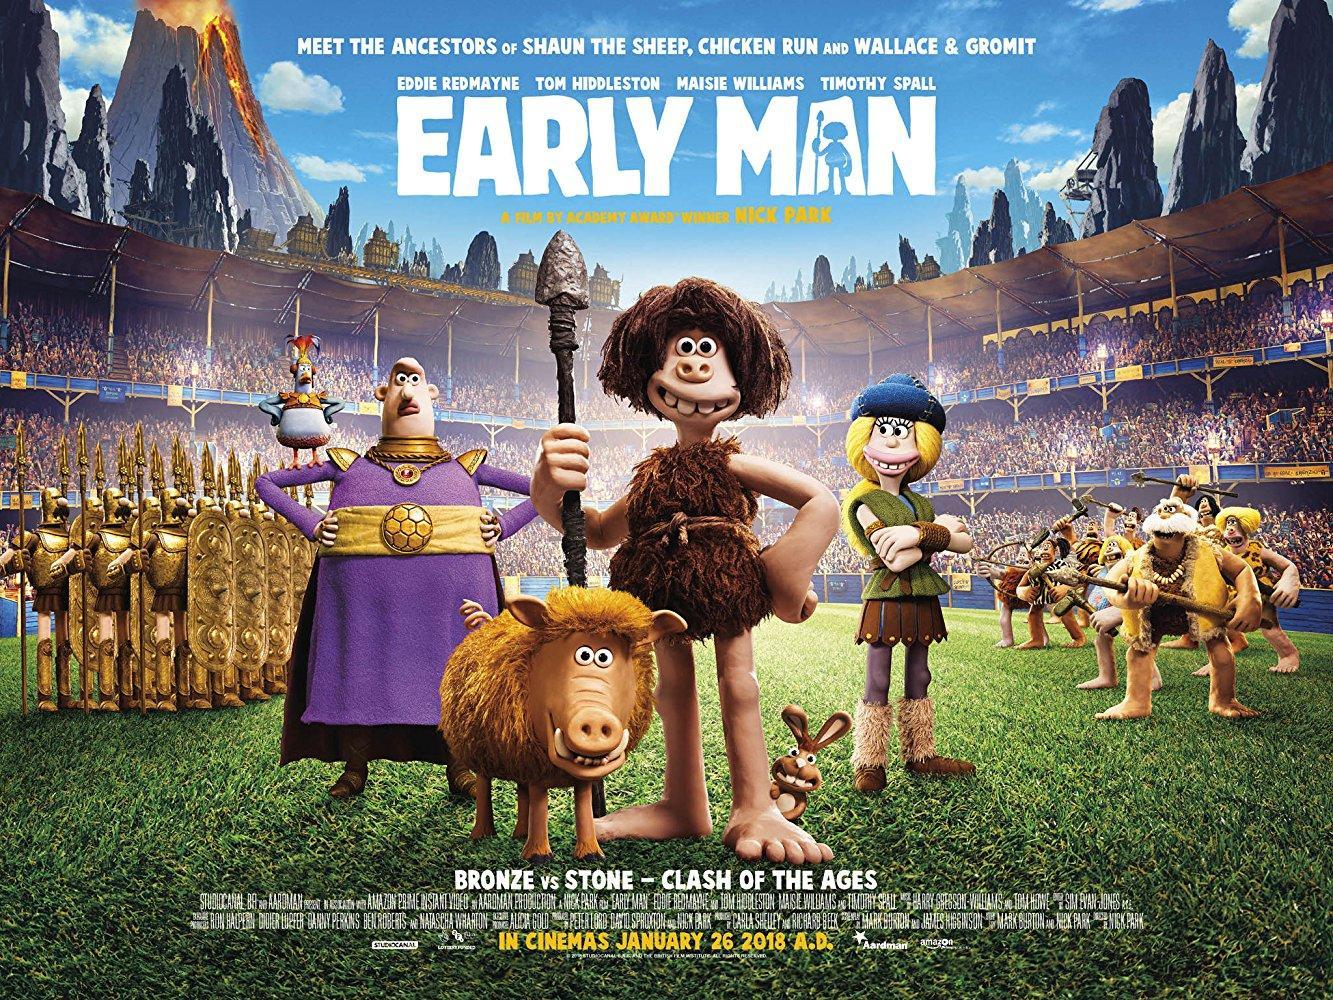 مشاهدة فيلم Early Man 2018 HD مترجم كامل اون لاين